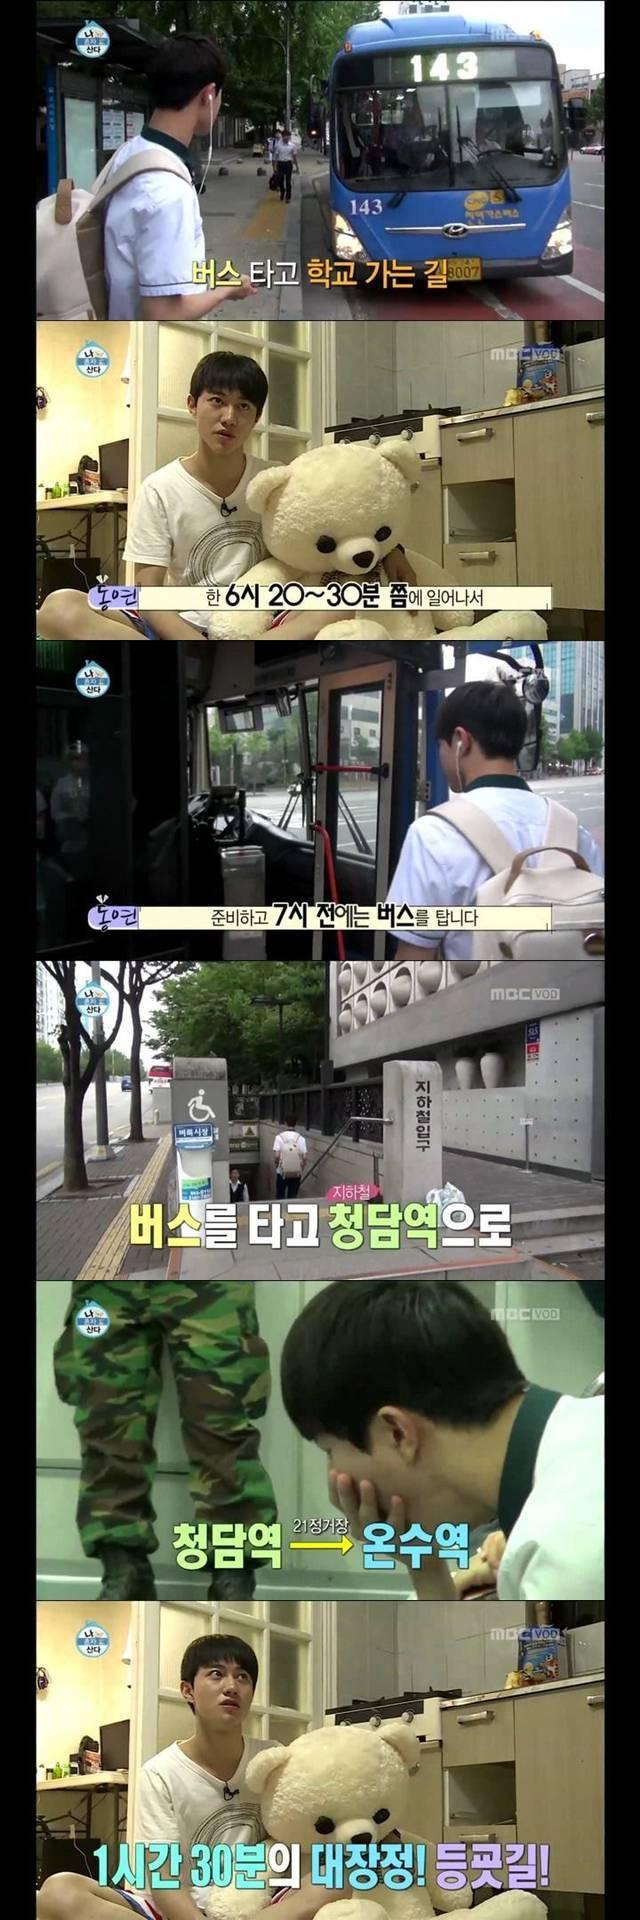 나혼자산다 최연소 출연자였던 배우 | 인스티즈